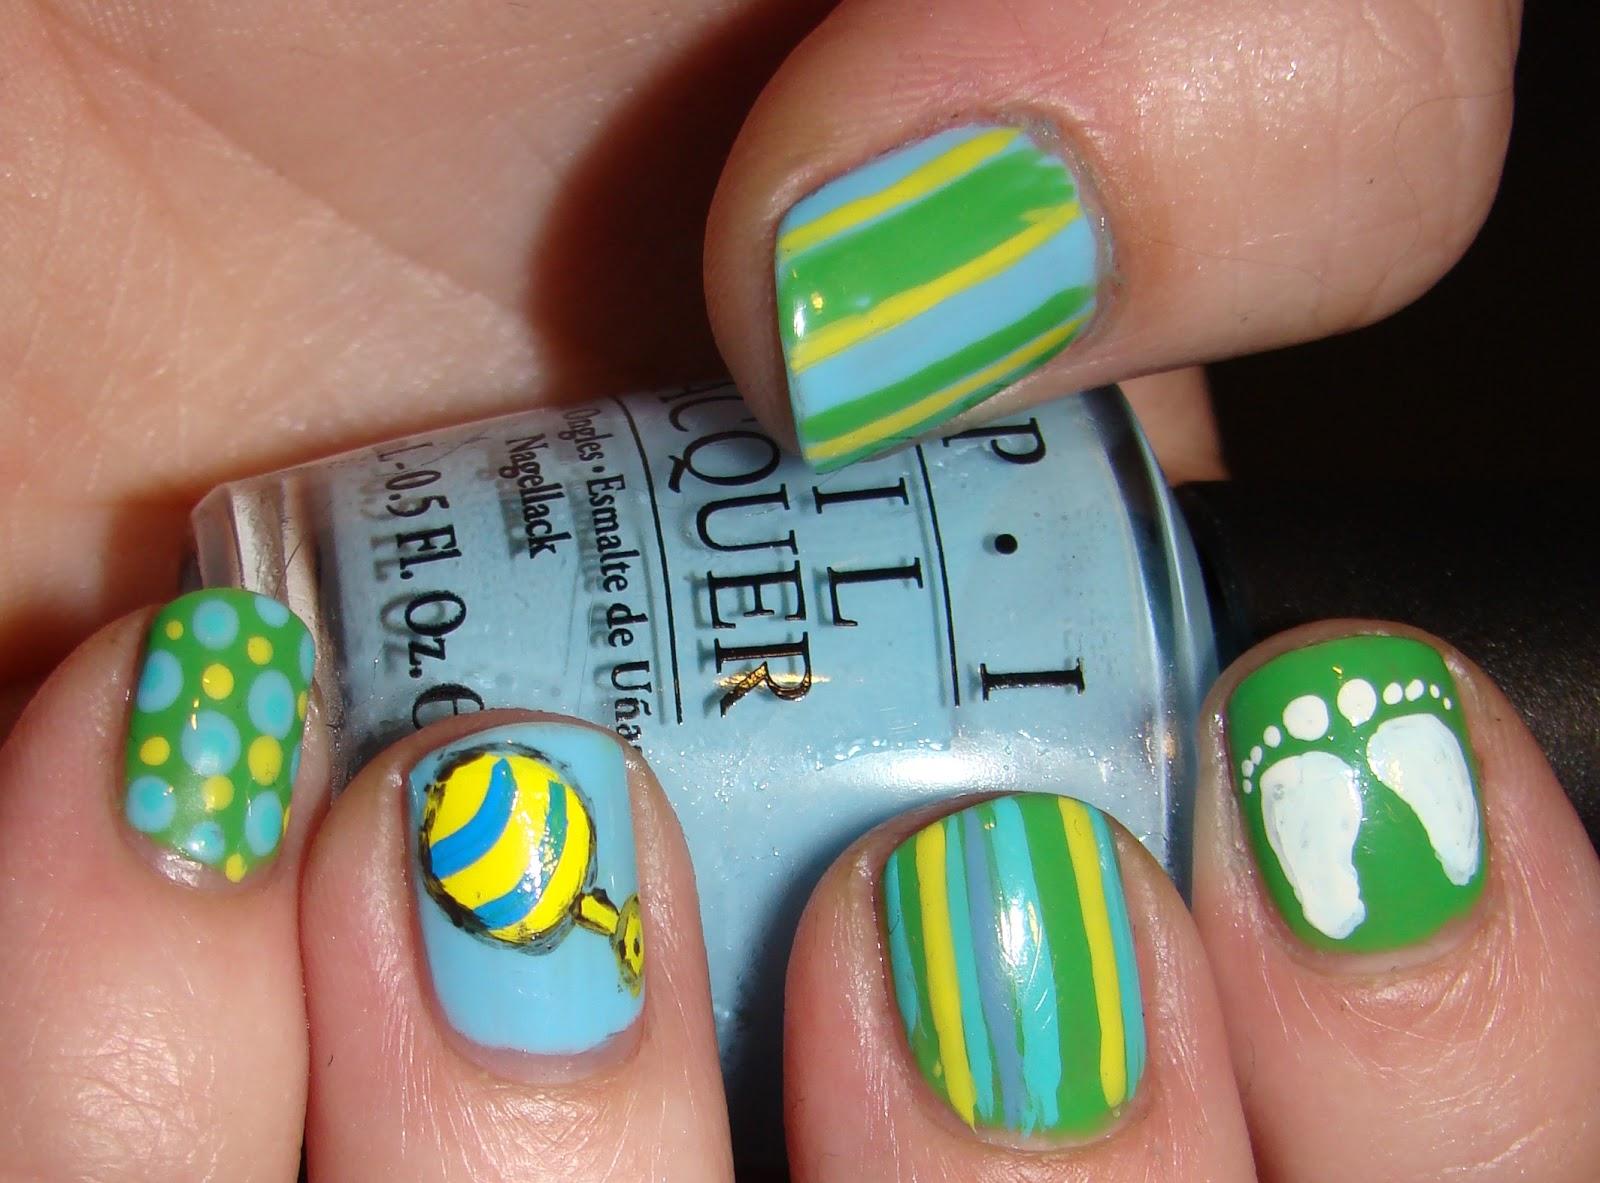 Smashley sparkles baby shower nail art